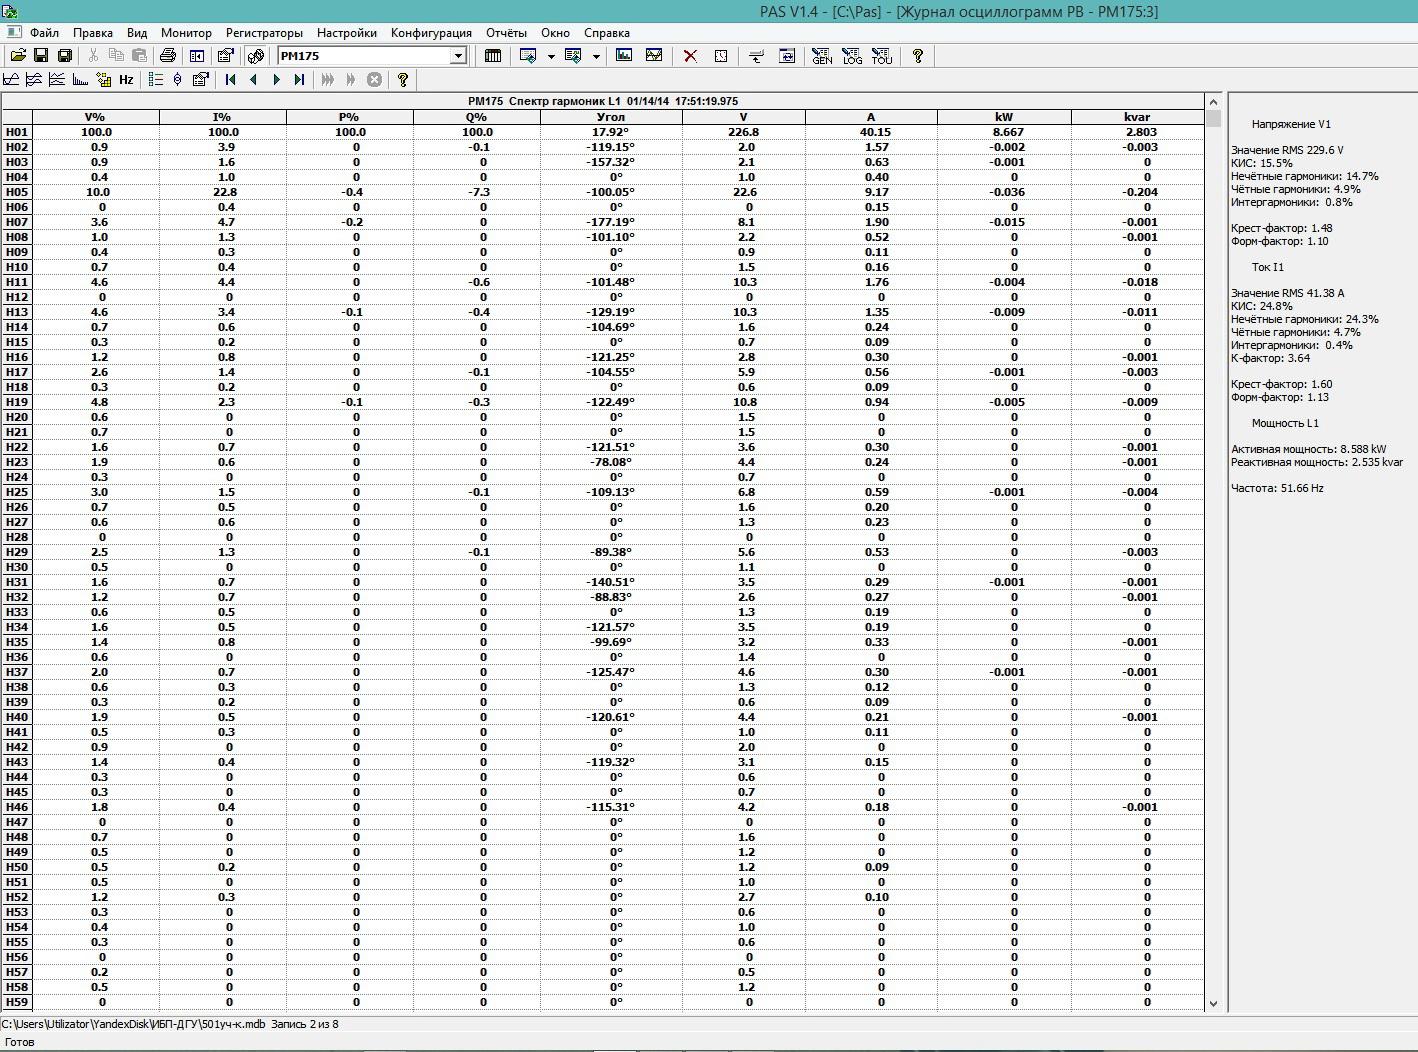 Рис. 2  - окно программы PAS спектр гармоник - табличная форма.